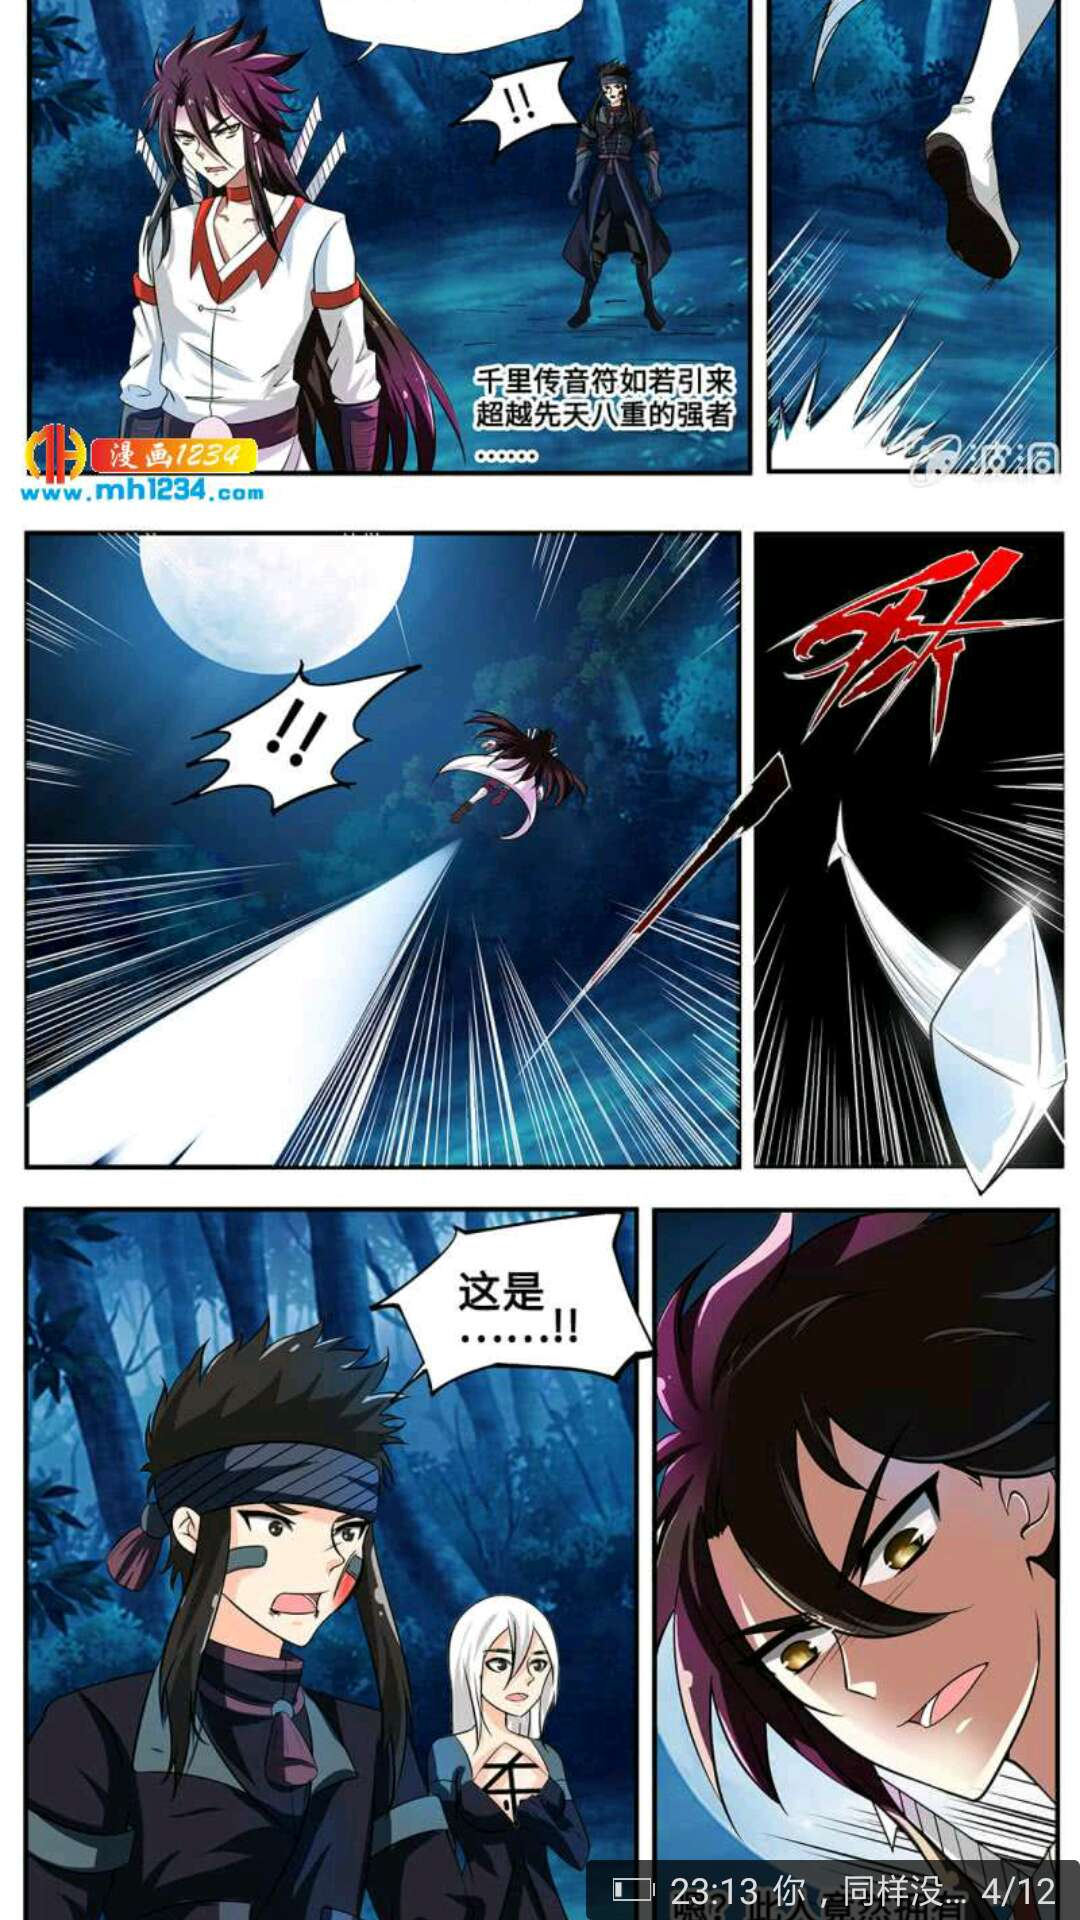 【漫画更新】狂霸战皇